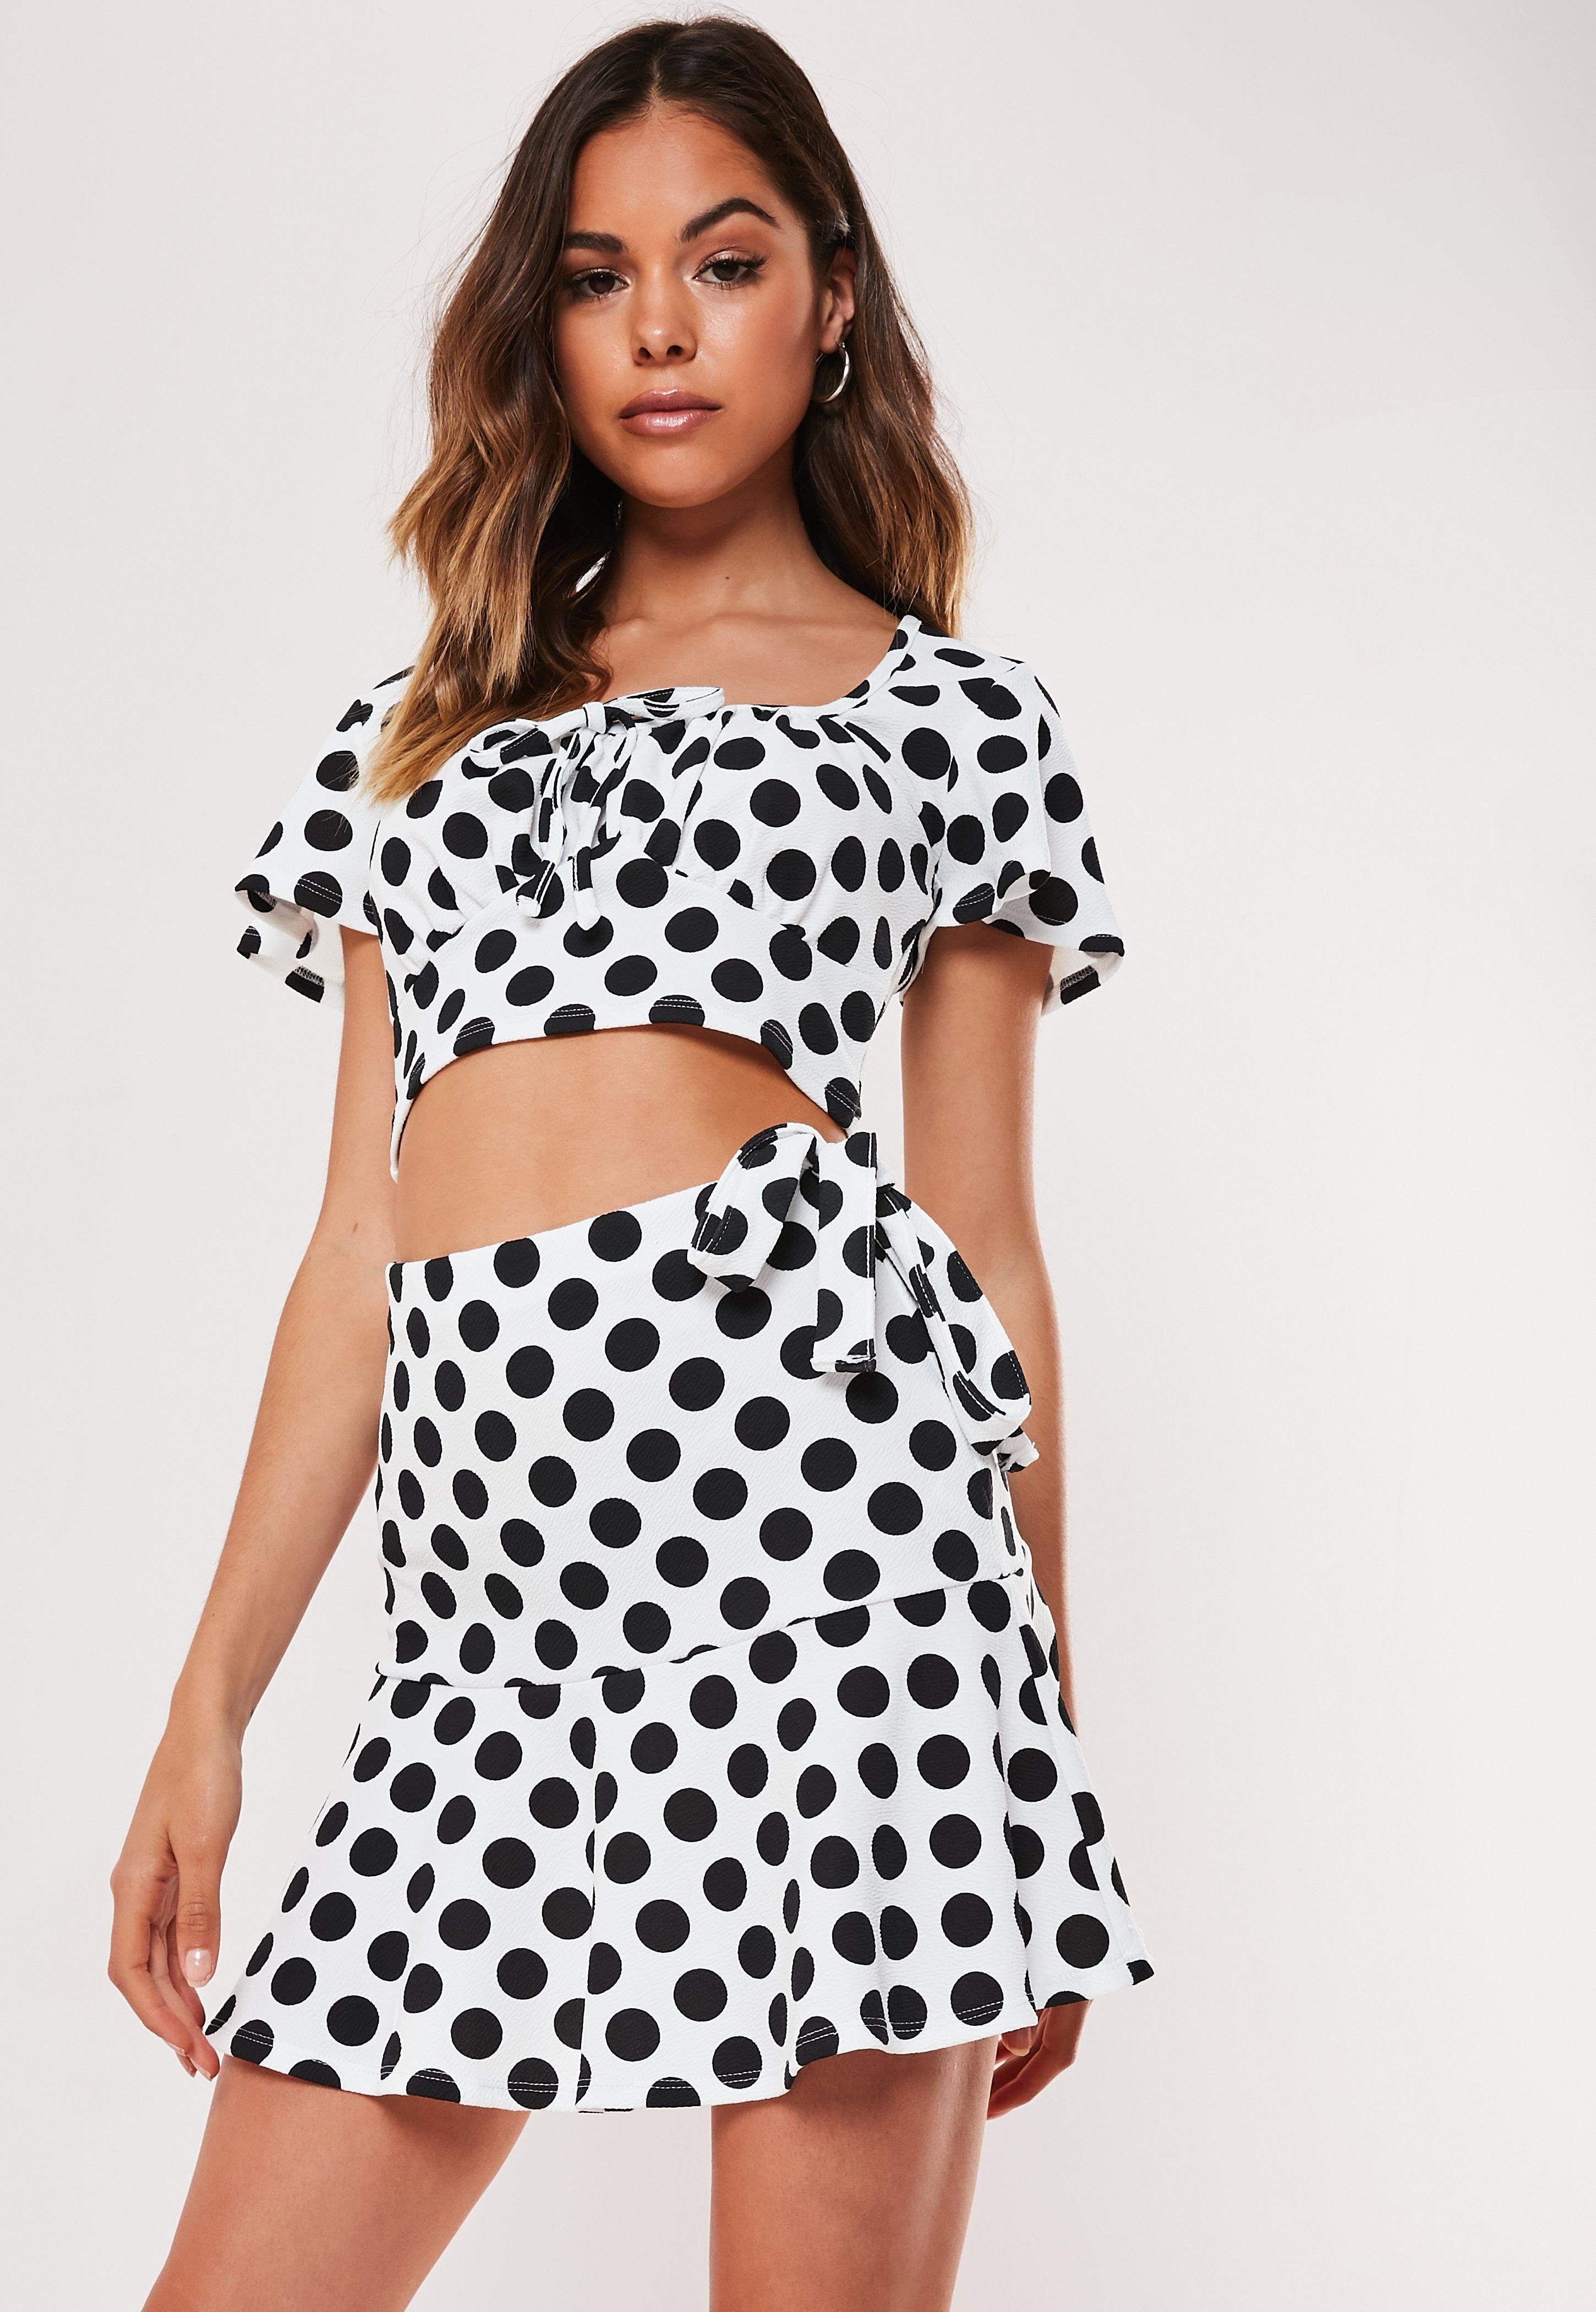 9e6df30a53 Petite White Co Ord Polka Dot Frill Hem Mini Skirt